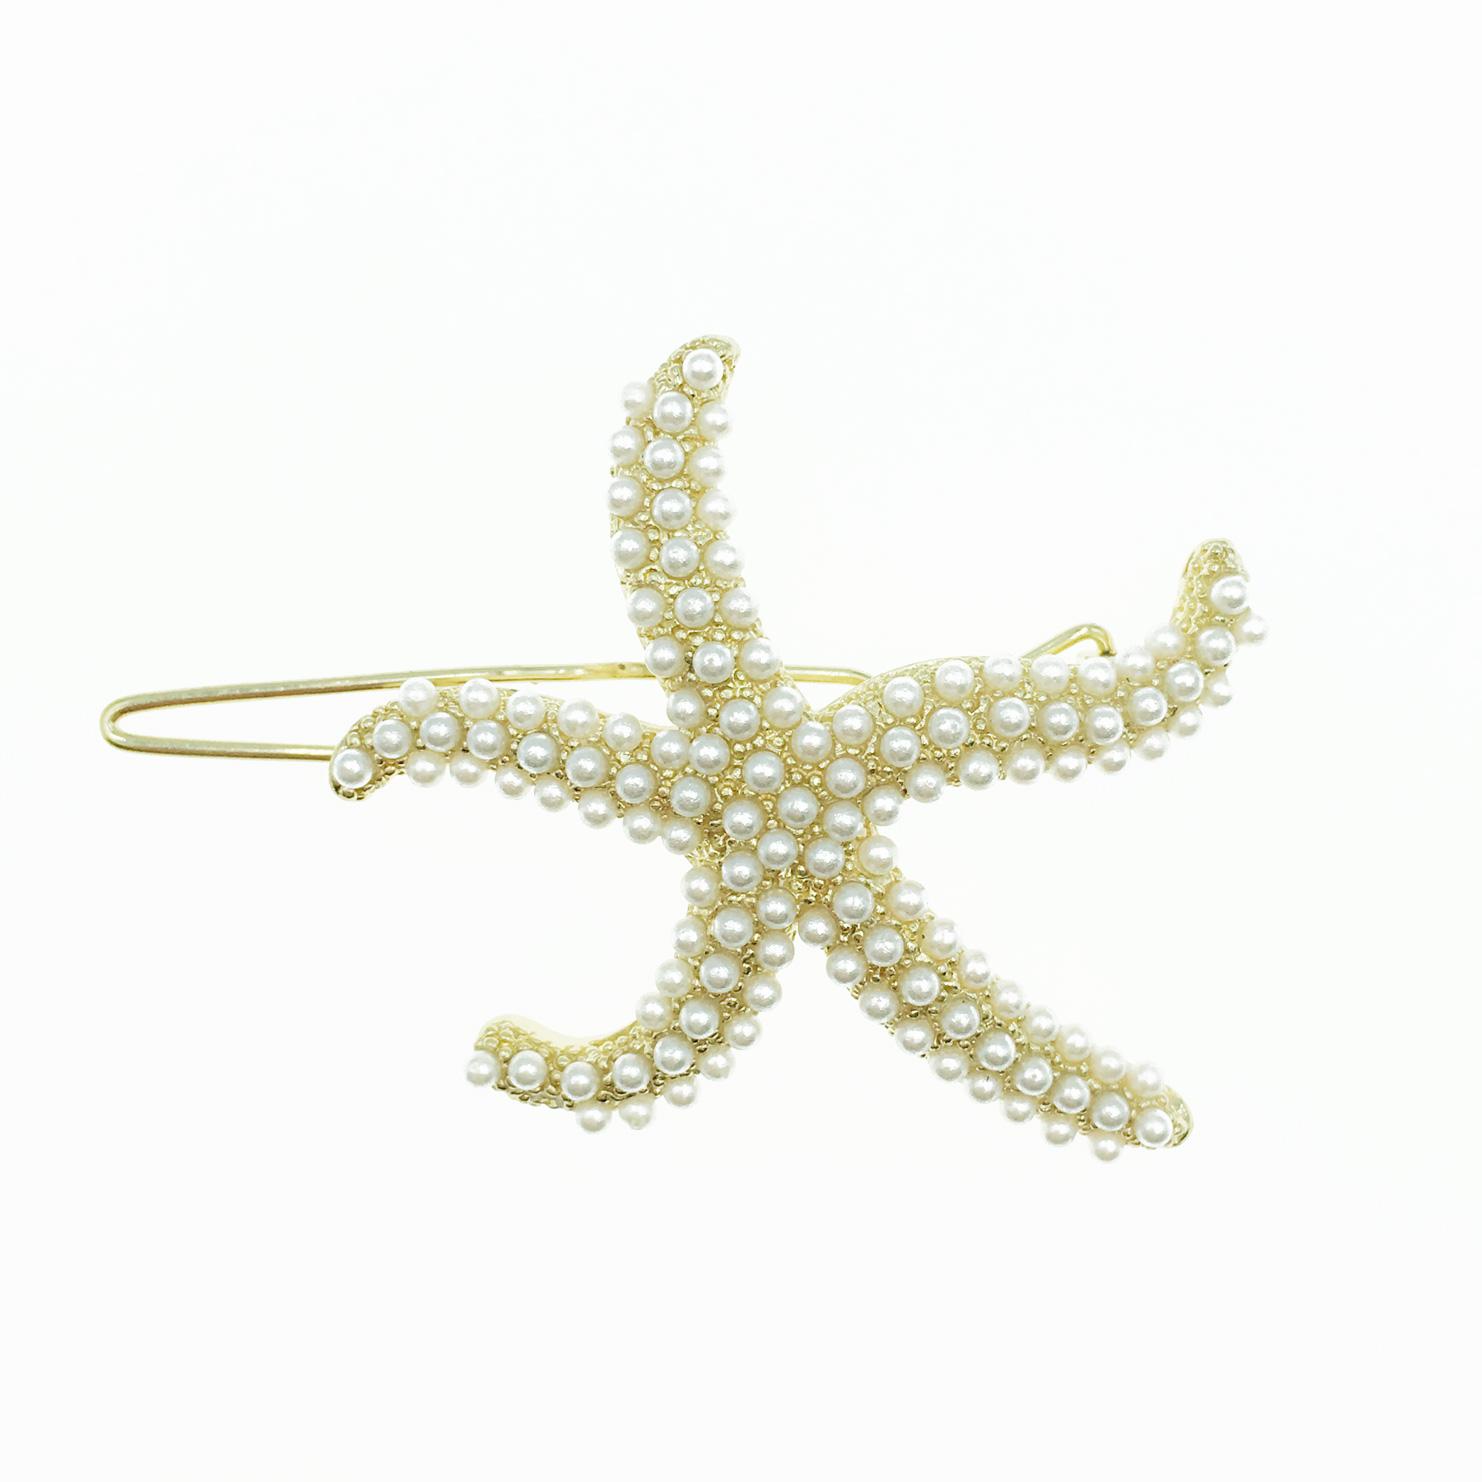 韓國 海星造型 滿版 珍珠 髮飾 髮夾